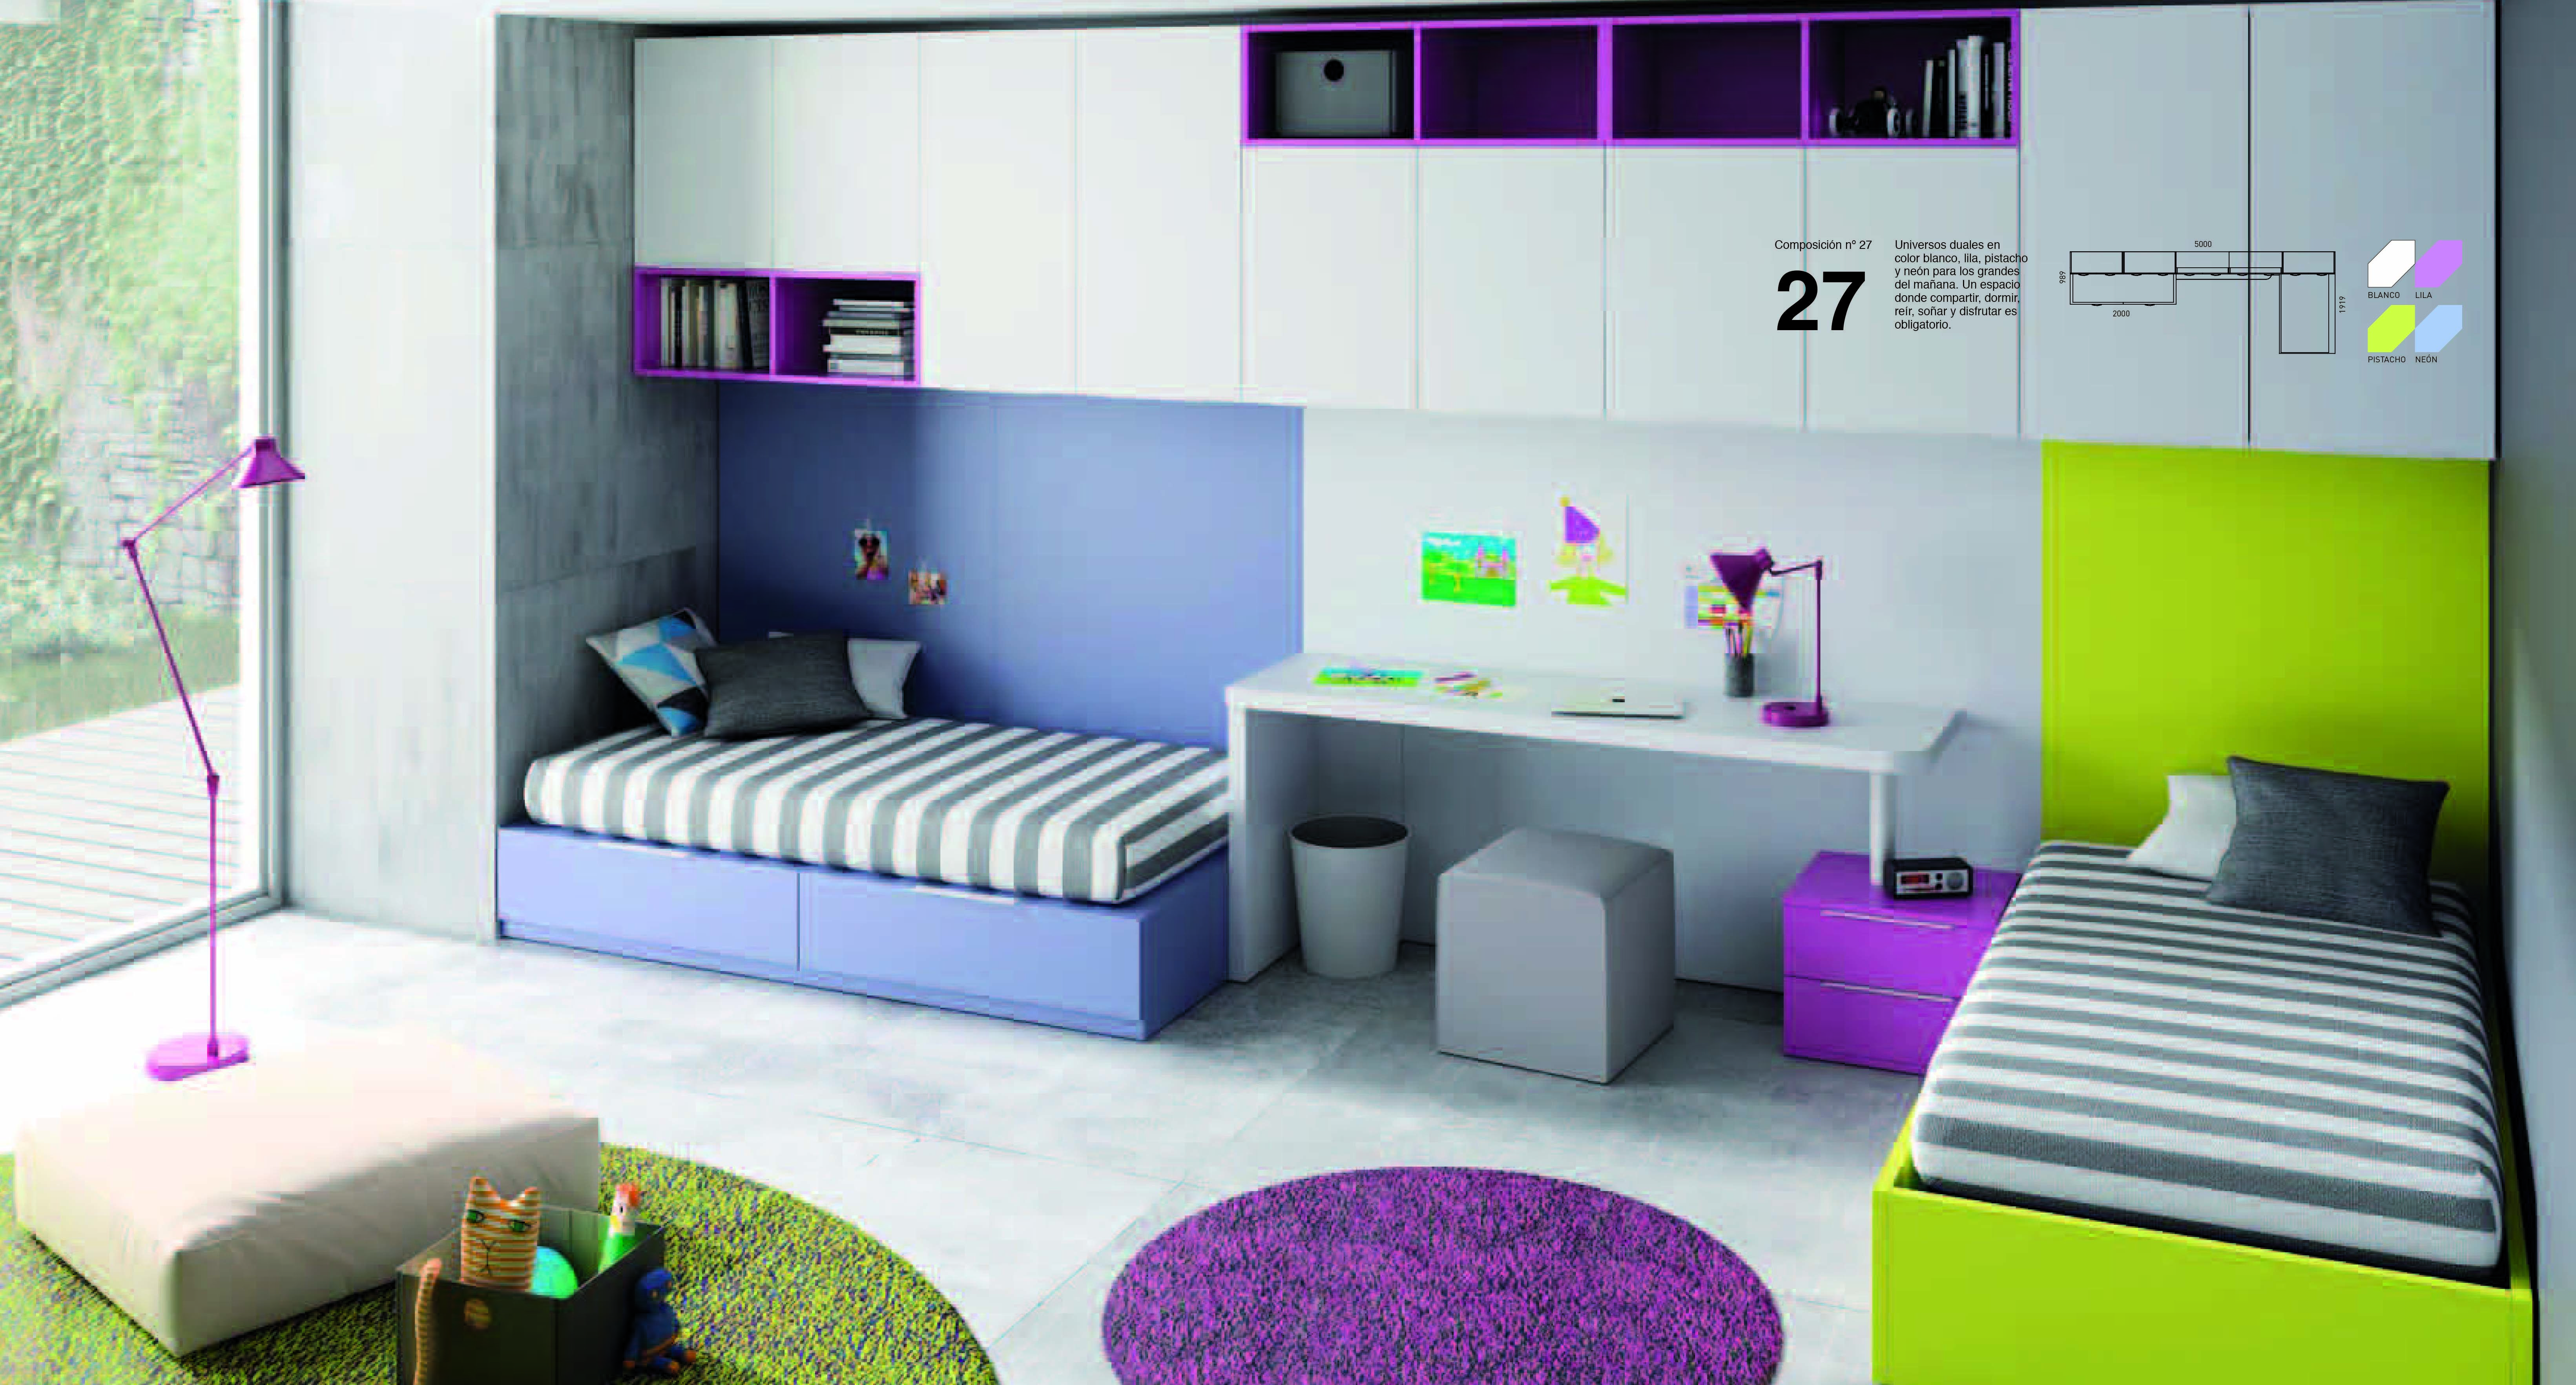 Dormitorio con dos camas que cuentan con diferenciaci n - Dormitorios con dos camas ...